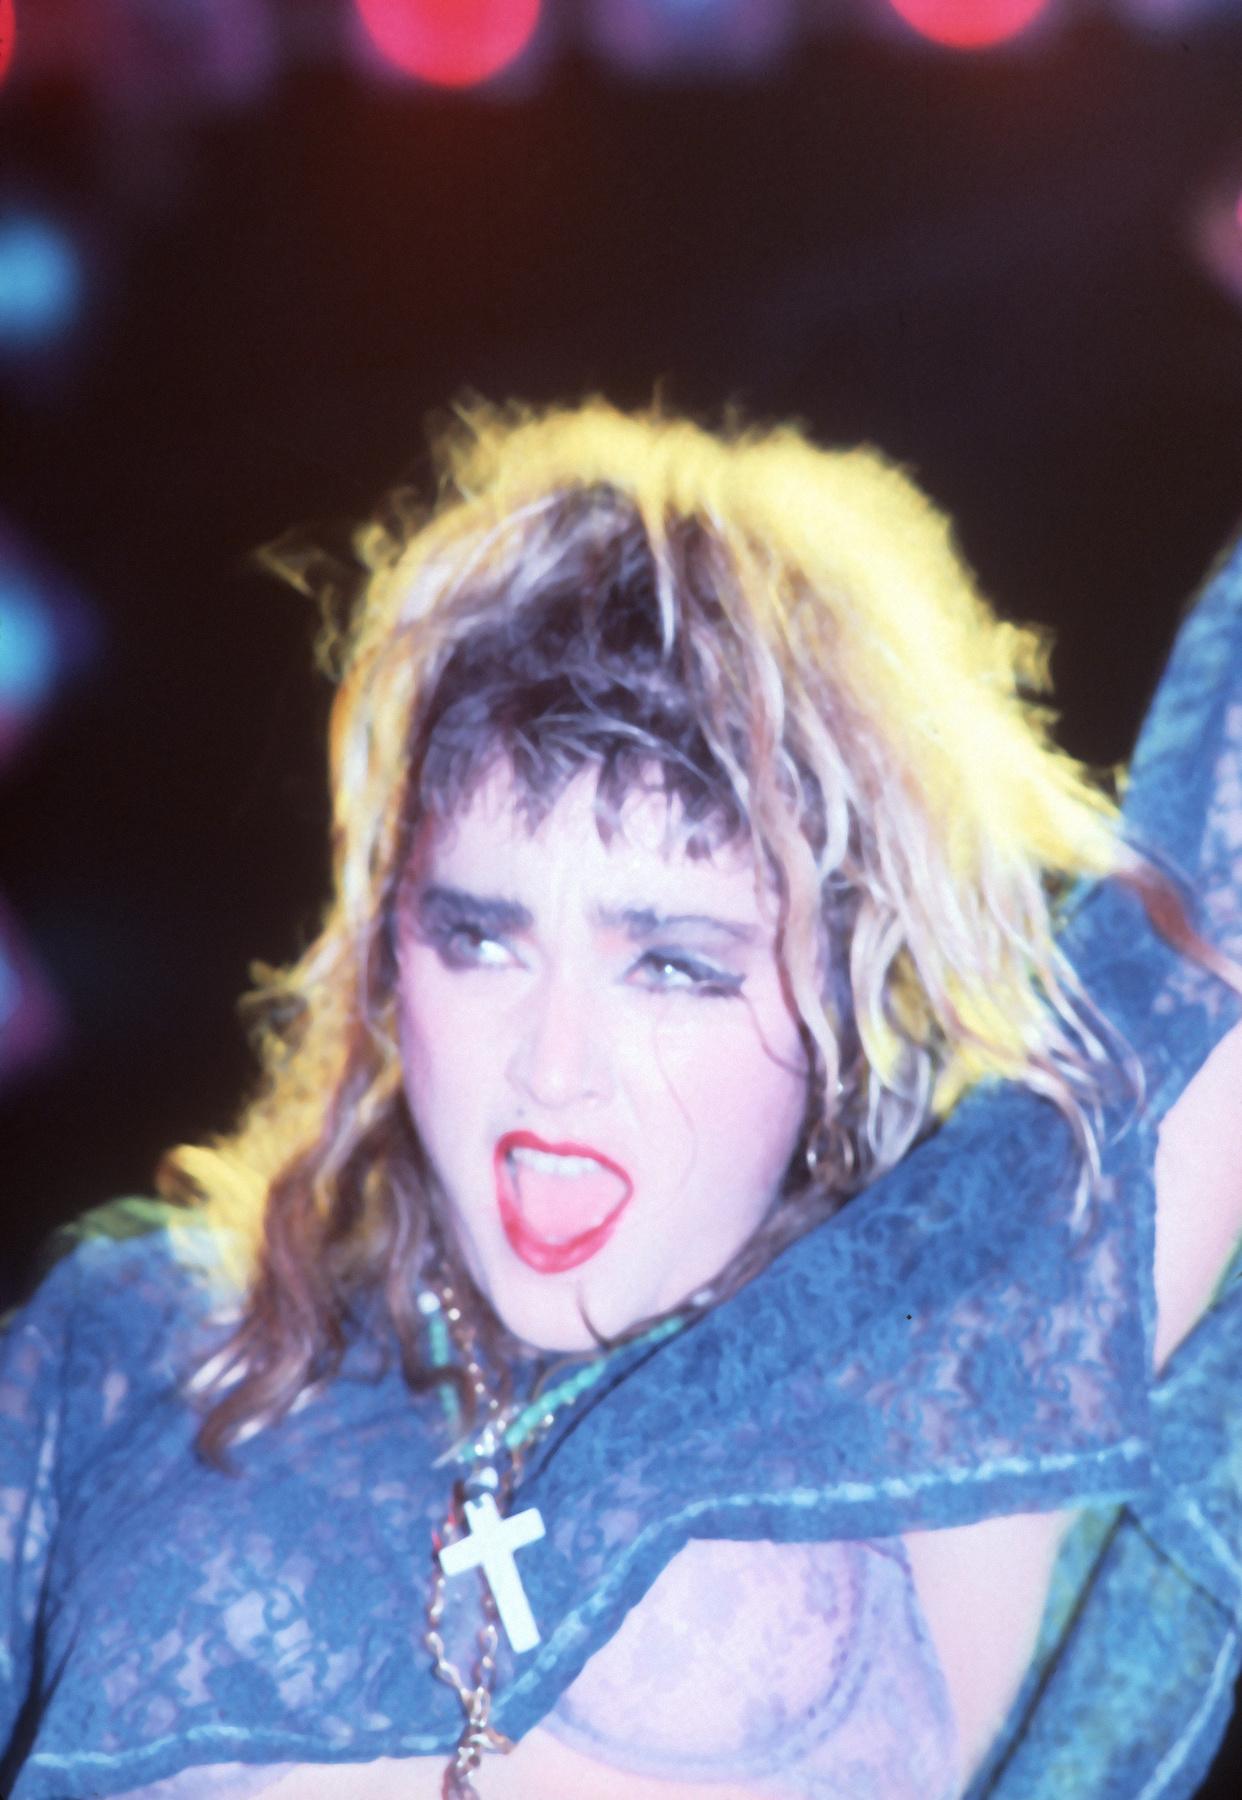 A hajban a masni, a napszemüveg, sőt, még egy kiegészítő: kesztyű! Madonna a Kétségbeesve keresem Susant címszerepében, mellette partnere, Rosanna Arquette.